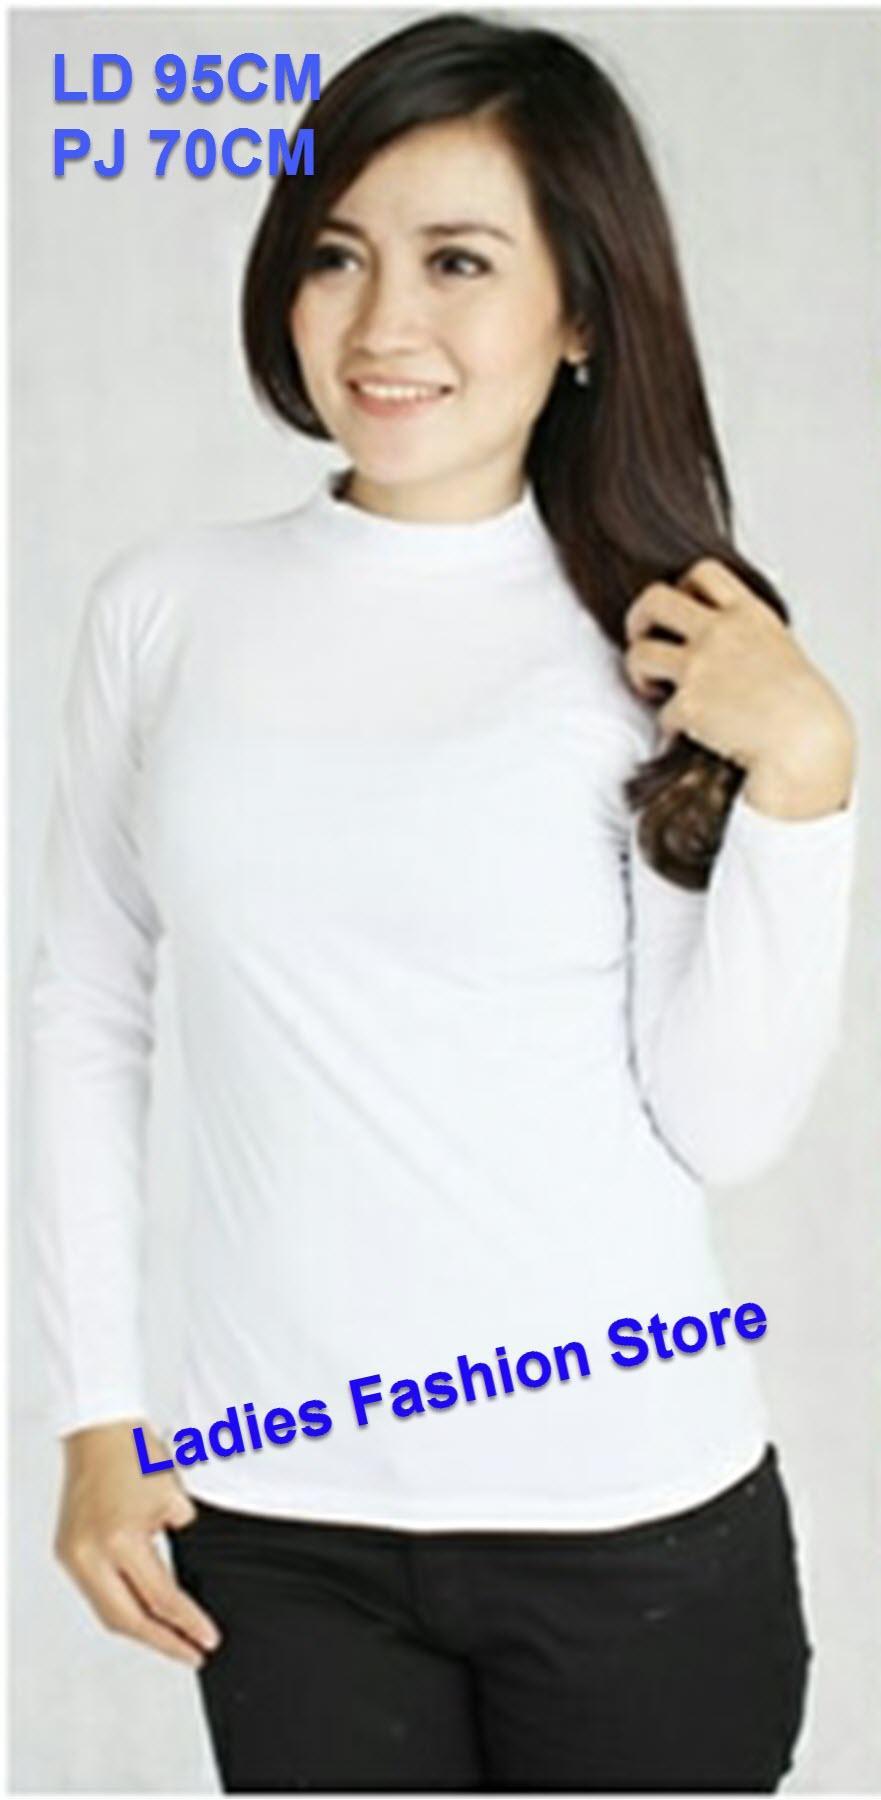 Baju Manset Kaos Wanita High Neck Lengan Panjang   Baju Wanita   Blouse  Korea   Atasan Wanita   Baju Formal   Kemeja Wanita   Kemeja Formal    Atasan Muslim ... 790748ebe5